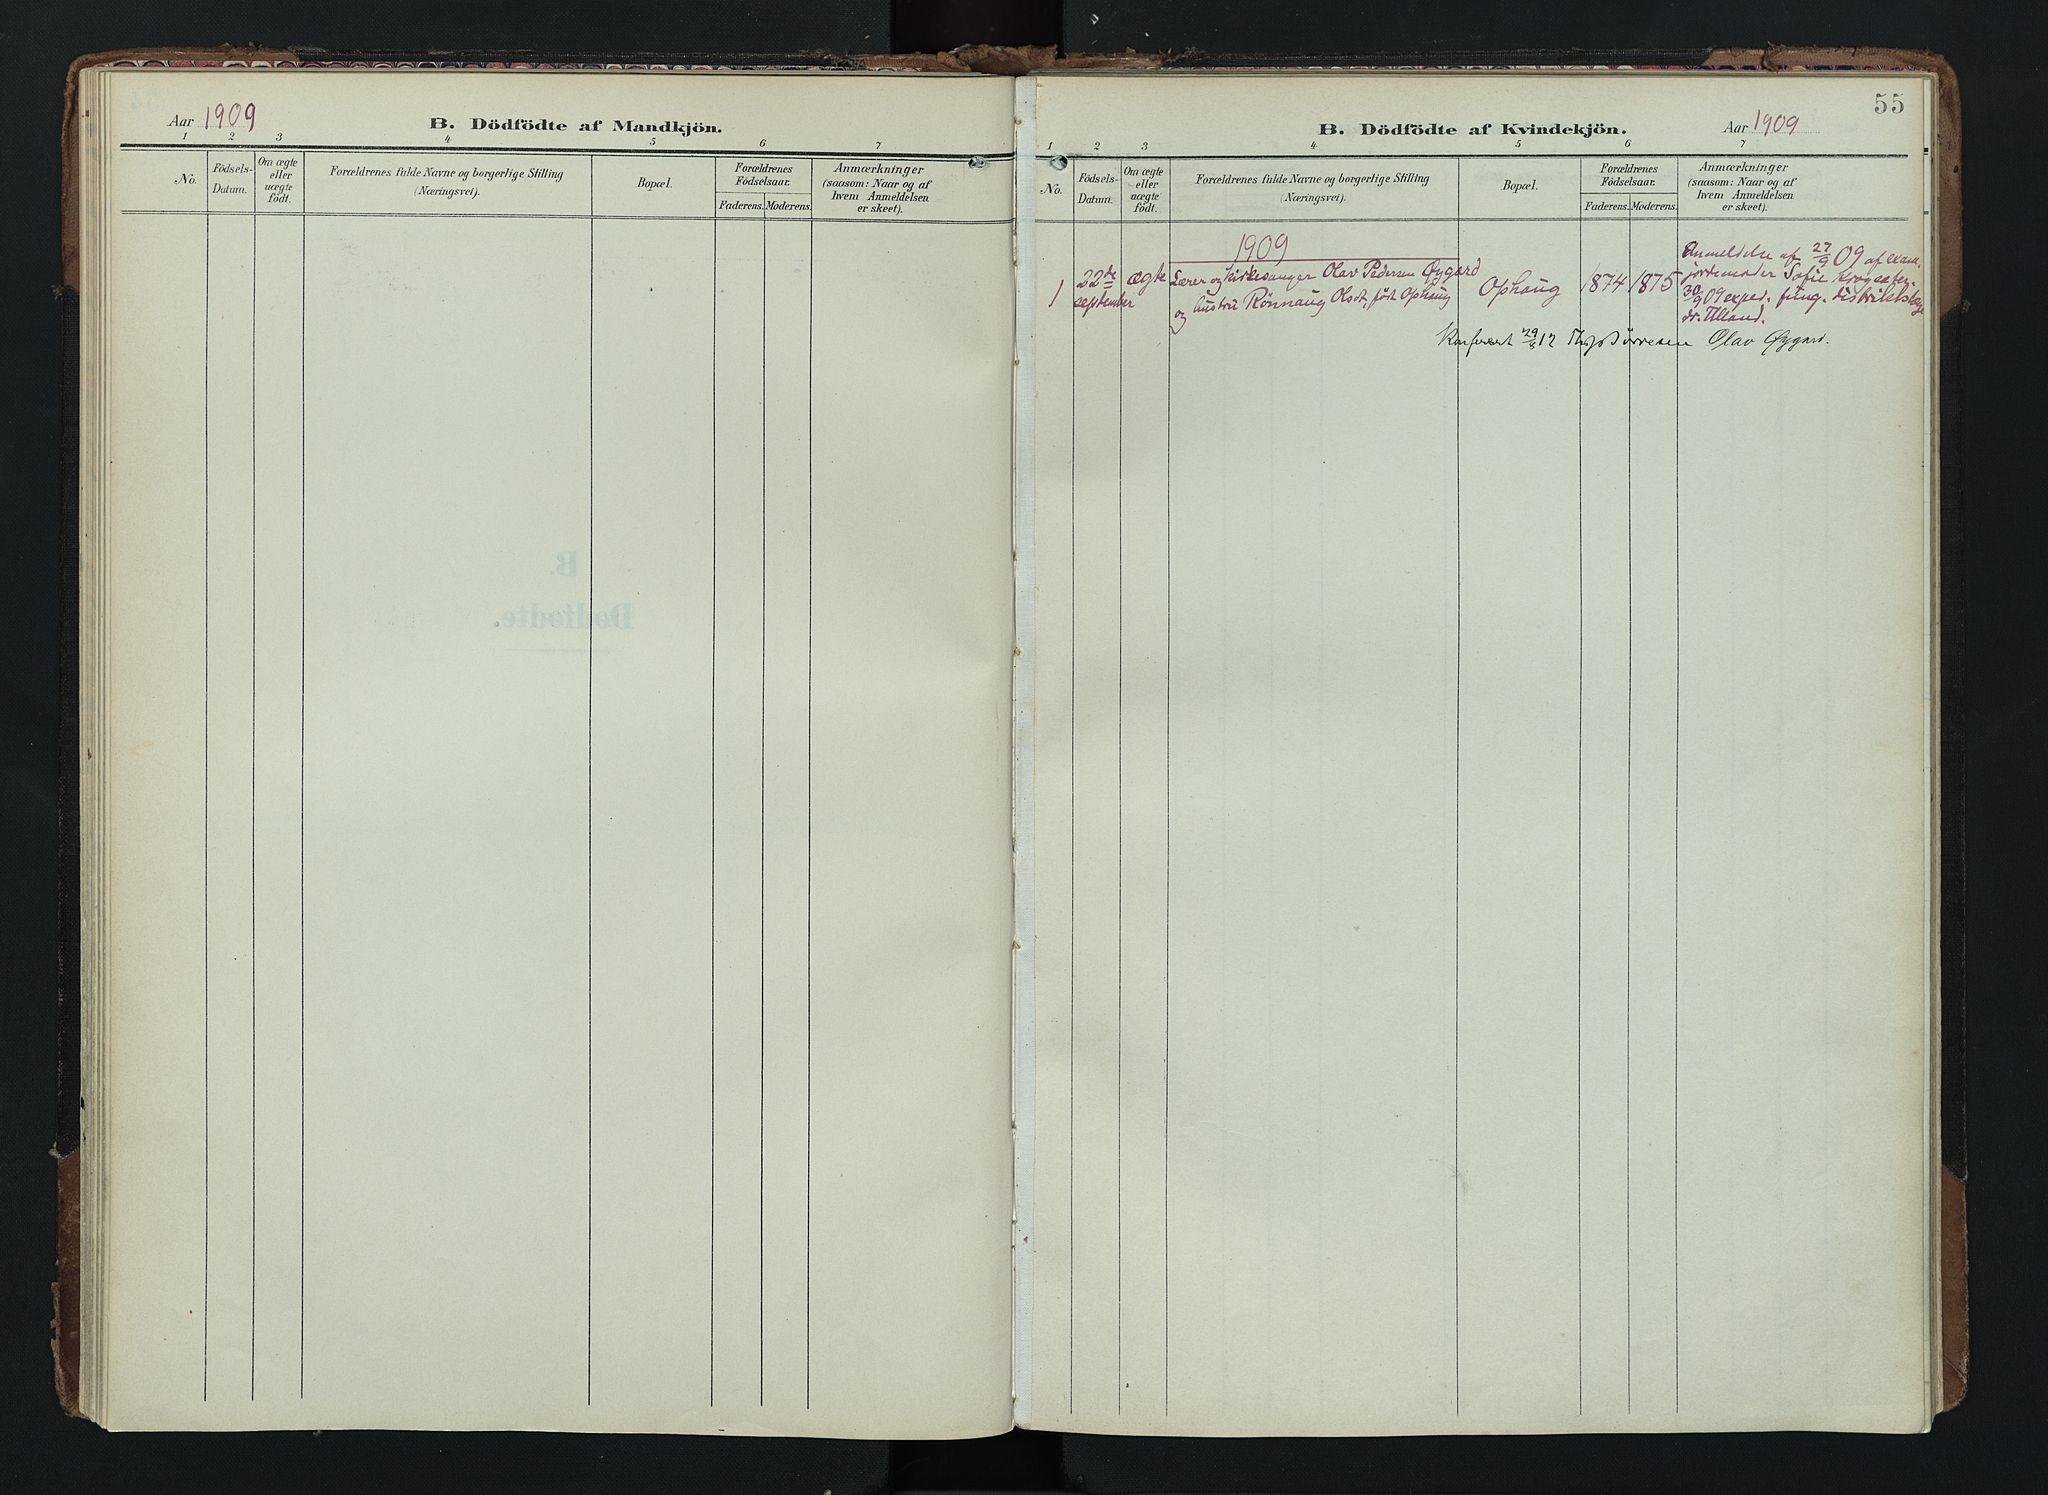 SAH, Lom prestekontor, K/L0012: Ministerialbok nr. 12, 1904-1928, s. 55